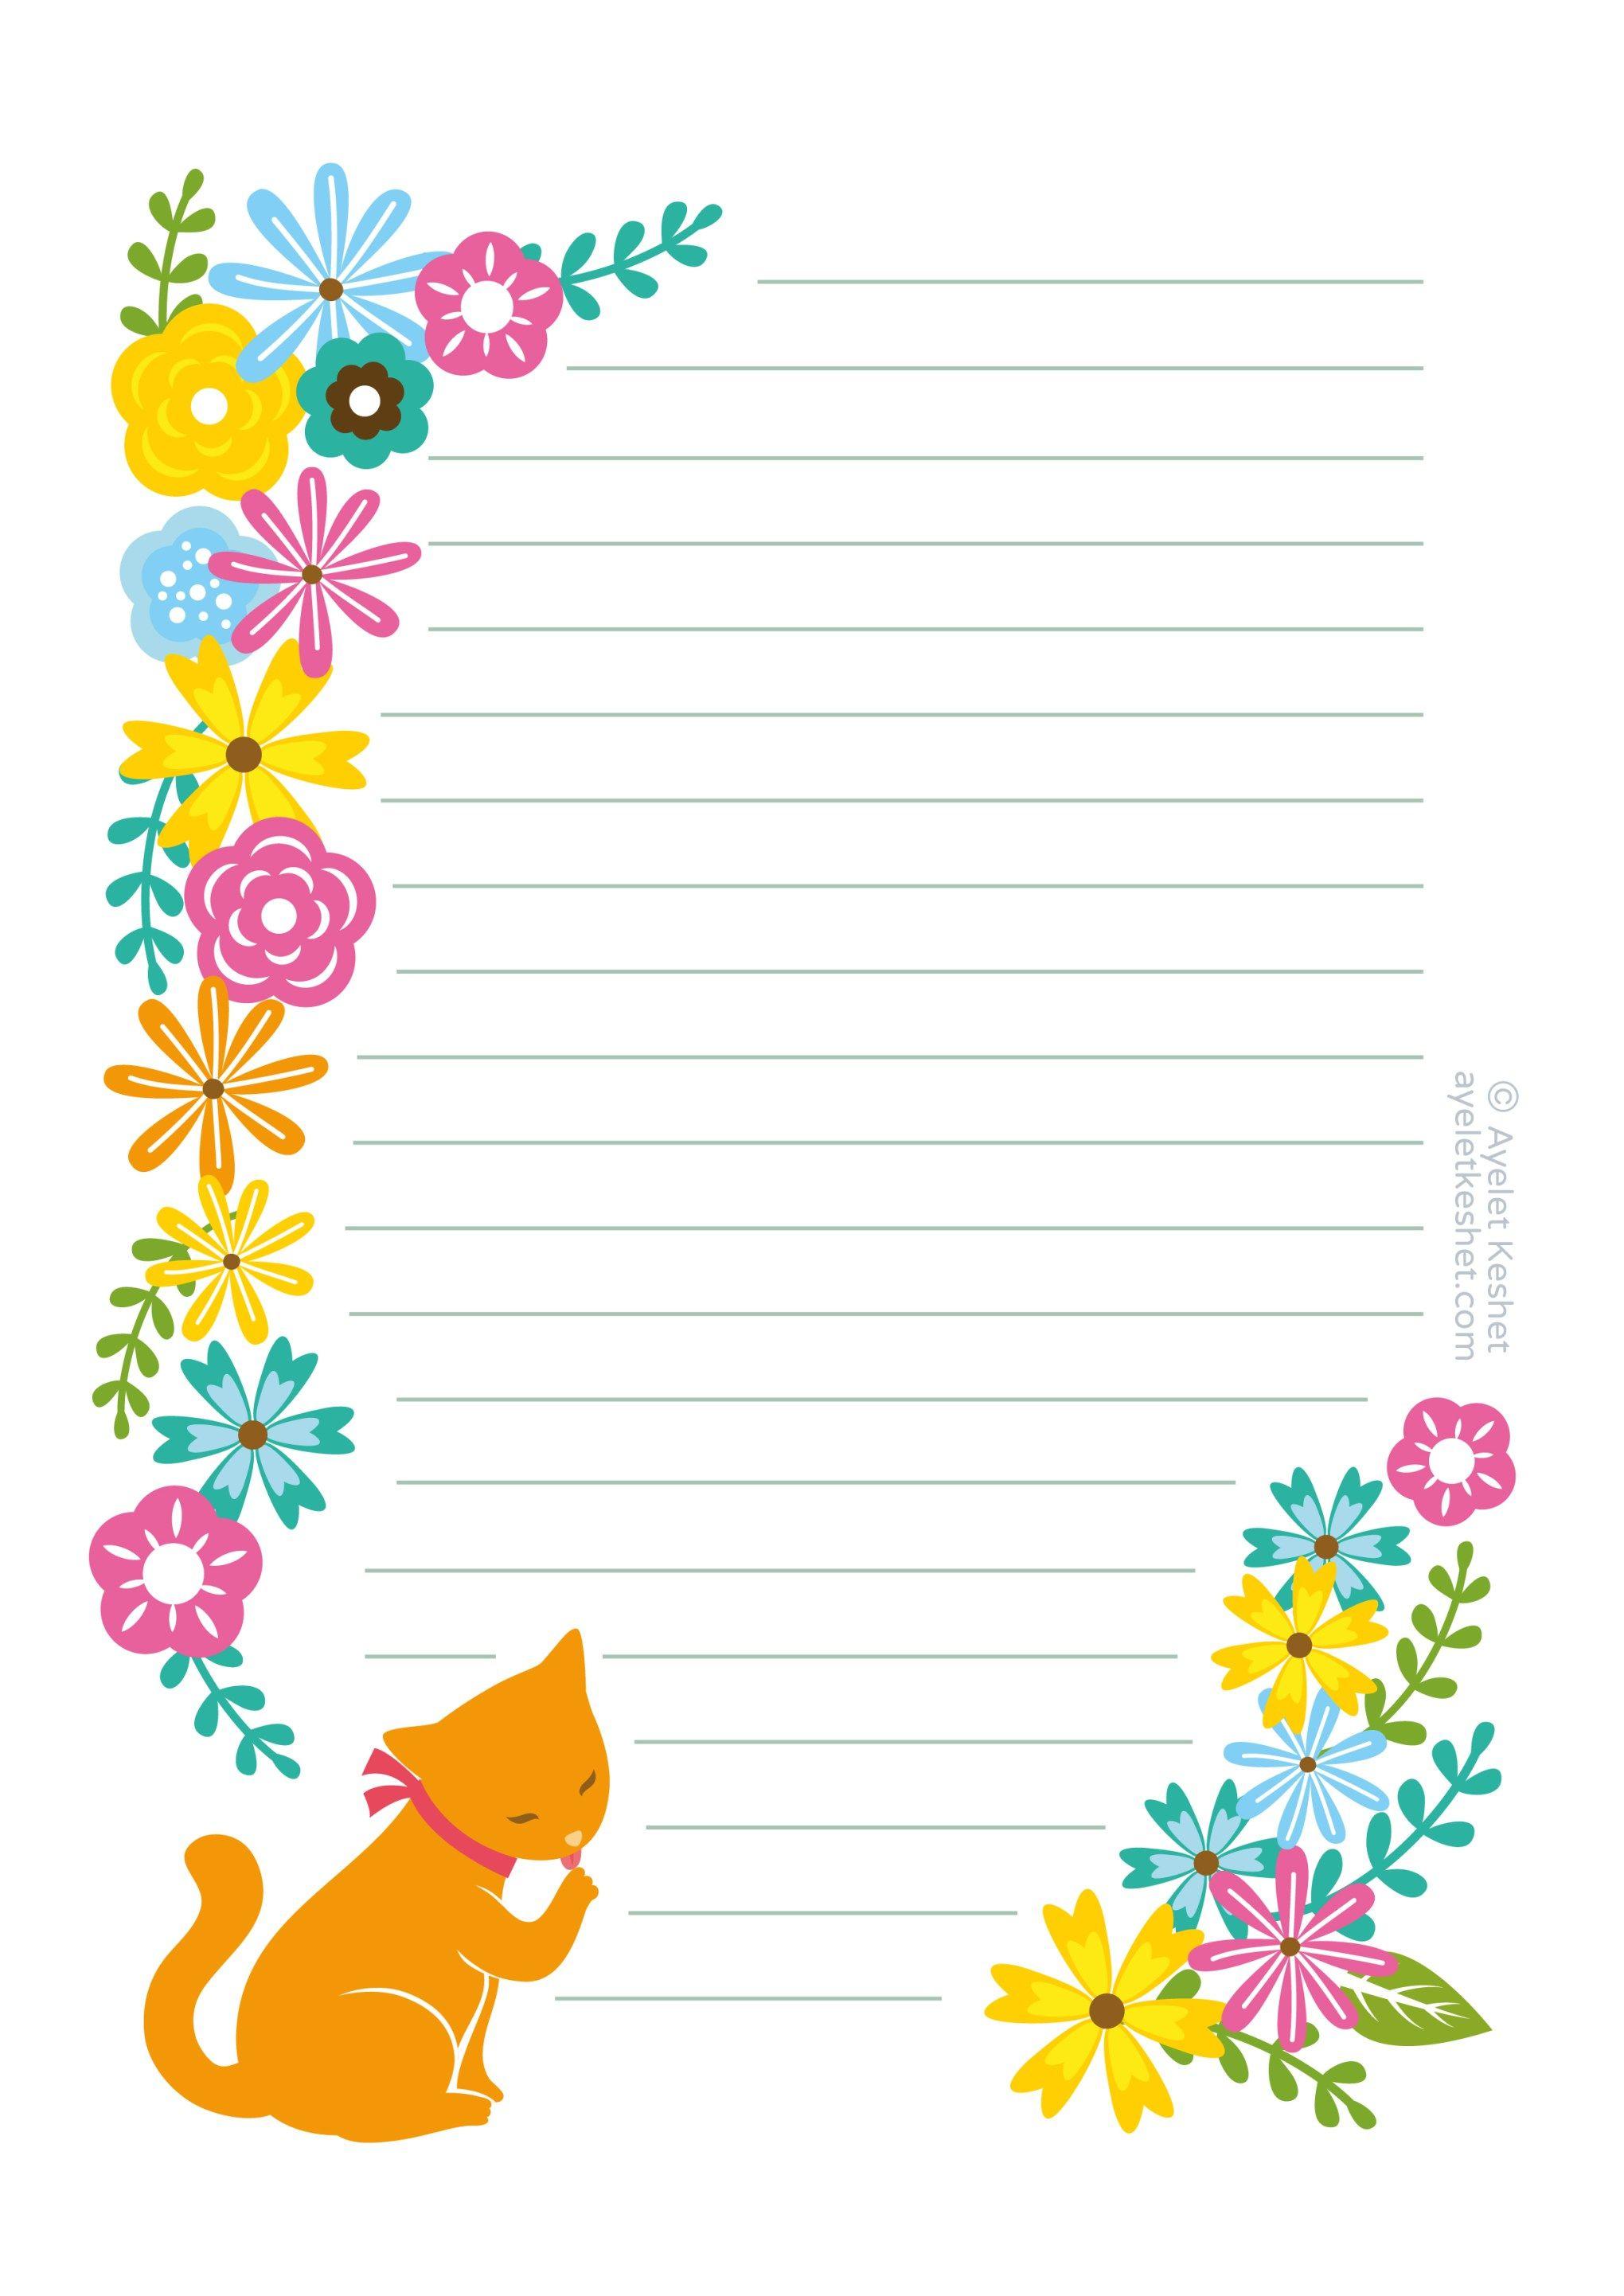 Free Printable Writing Paper Ayelet Keshet Diy Stationery Paper Free Printable Stationery Free Printable Letters Letter writing paper free printable